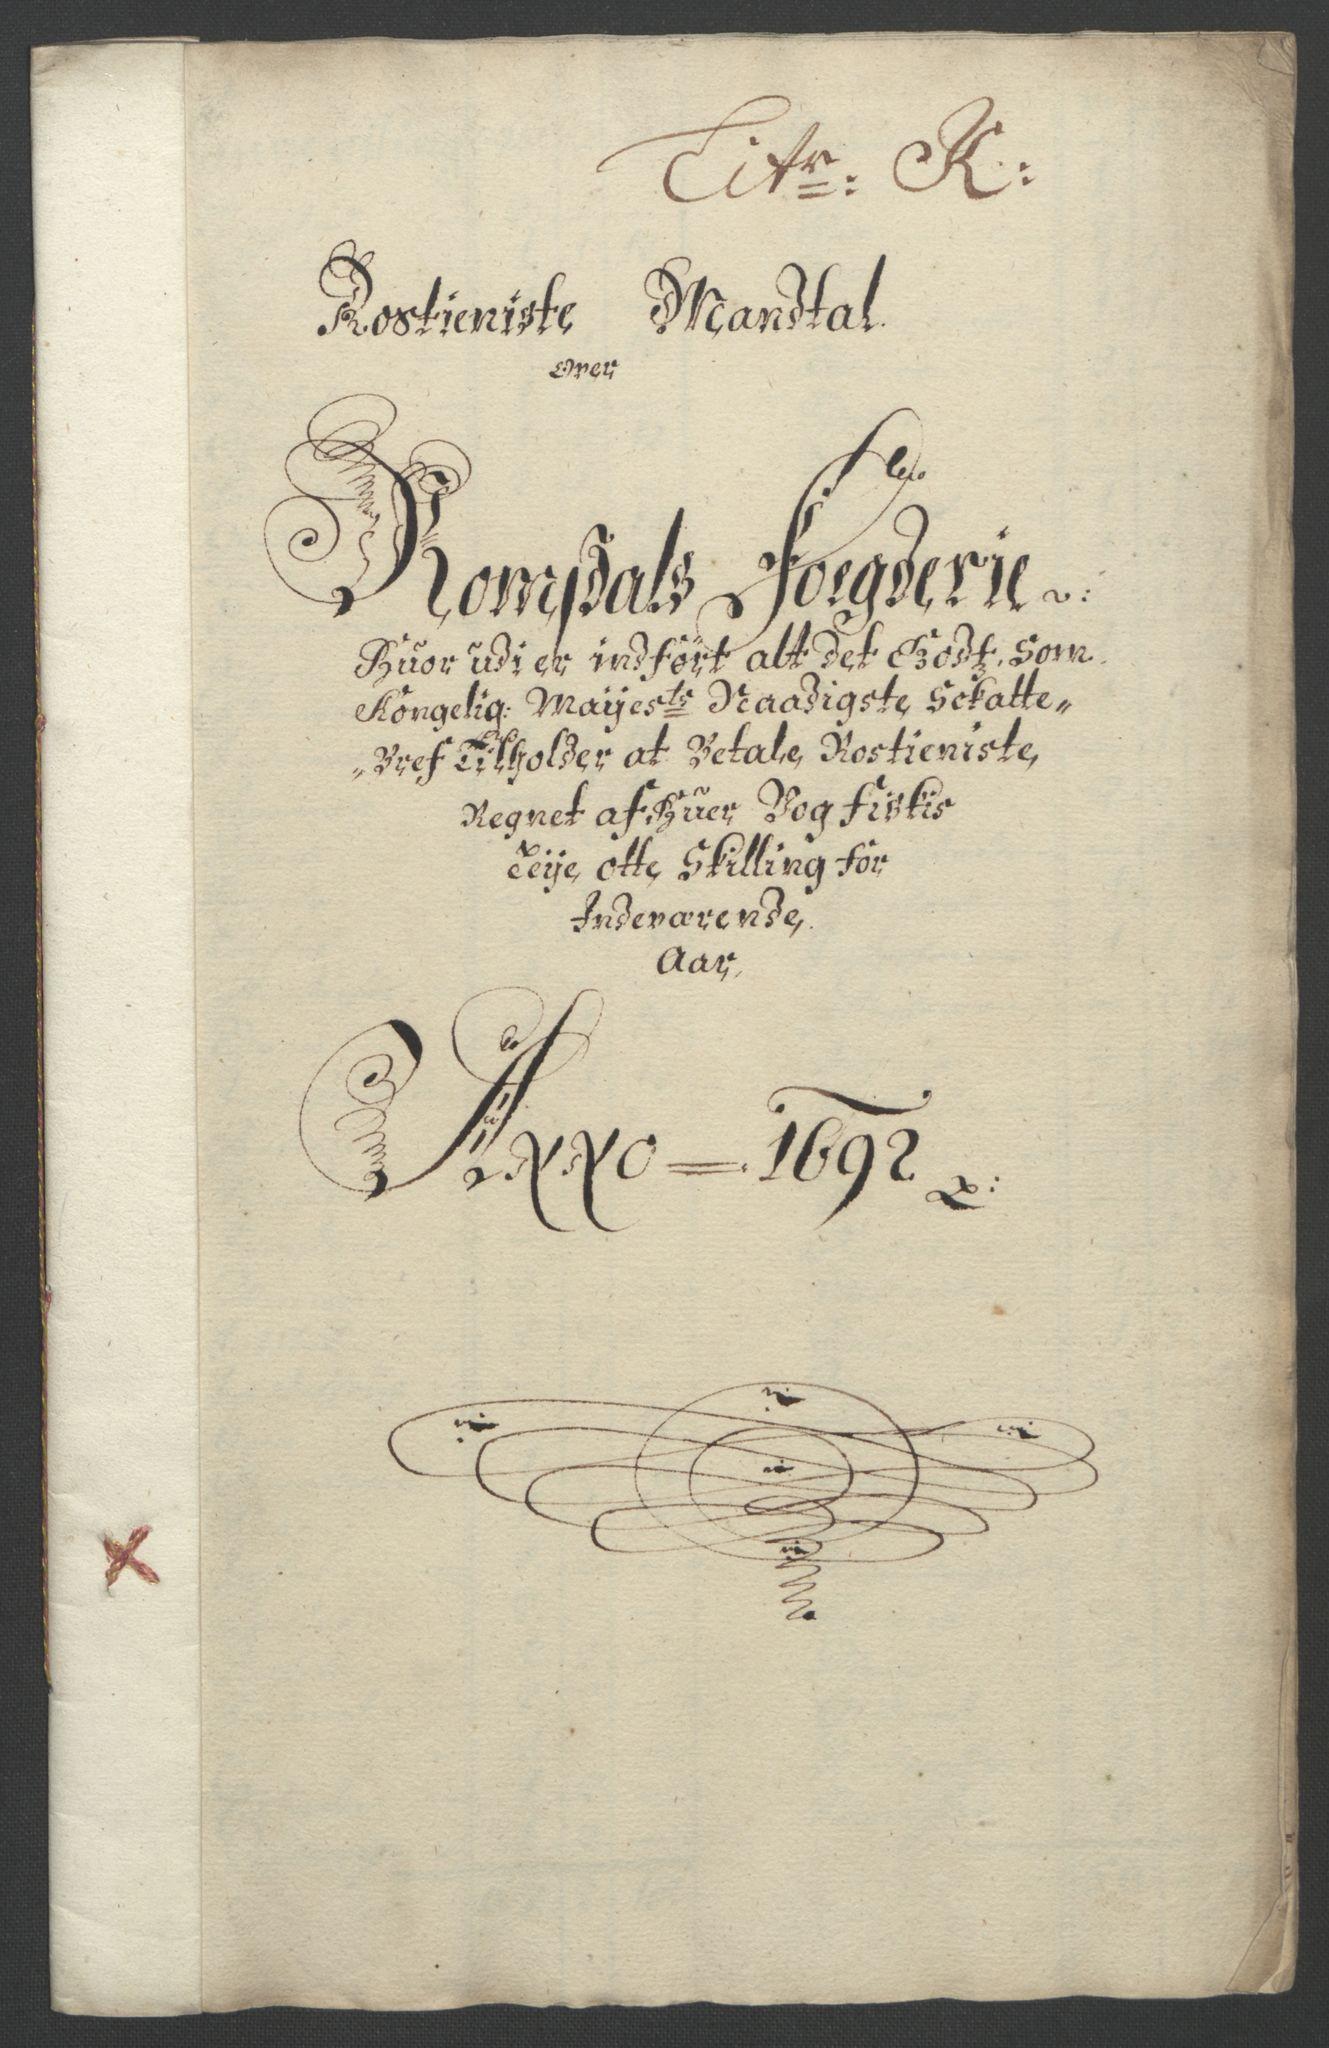 RA, Rentekammeret inntil 1814, Reviderte regnskaper, Fogderegnskap, R55/L3650: Fogderegnskap Romsdal, 1692, s. 128